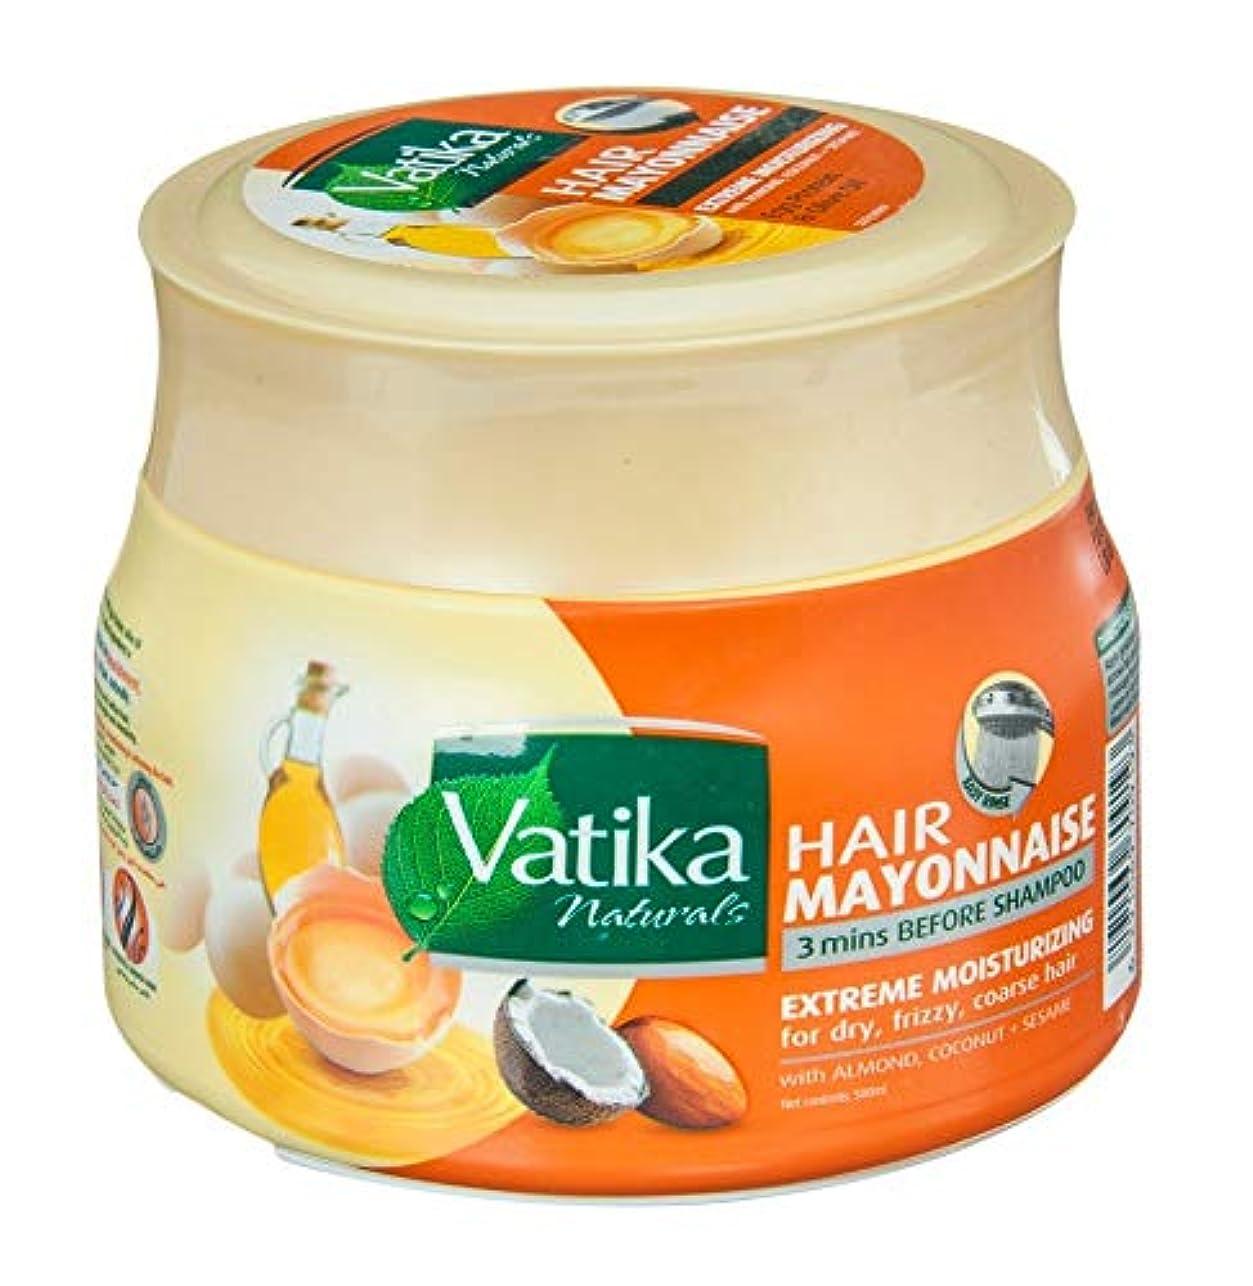 胚野ウサギエミュレートするNatural Vatika Hair Mayonnaise Moisturizing 3 mins Before Shampoo 500 ml (Extreme Moisturizing (Almond, Coconut...